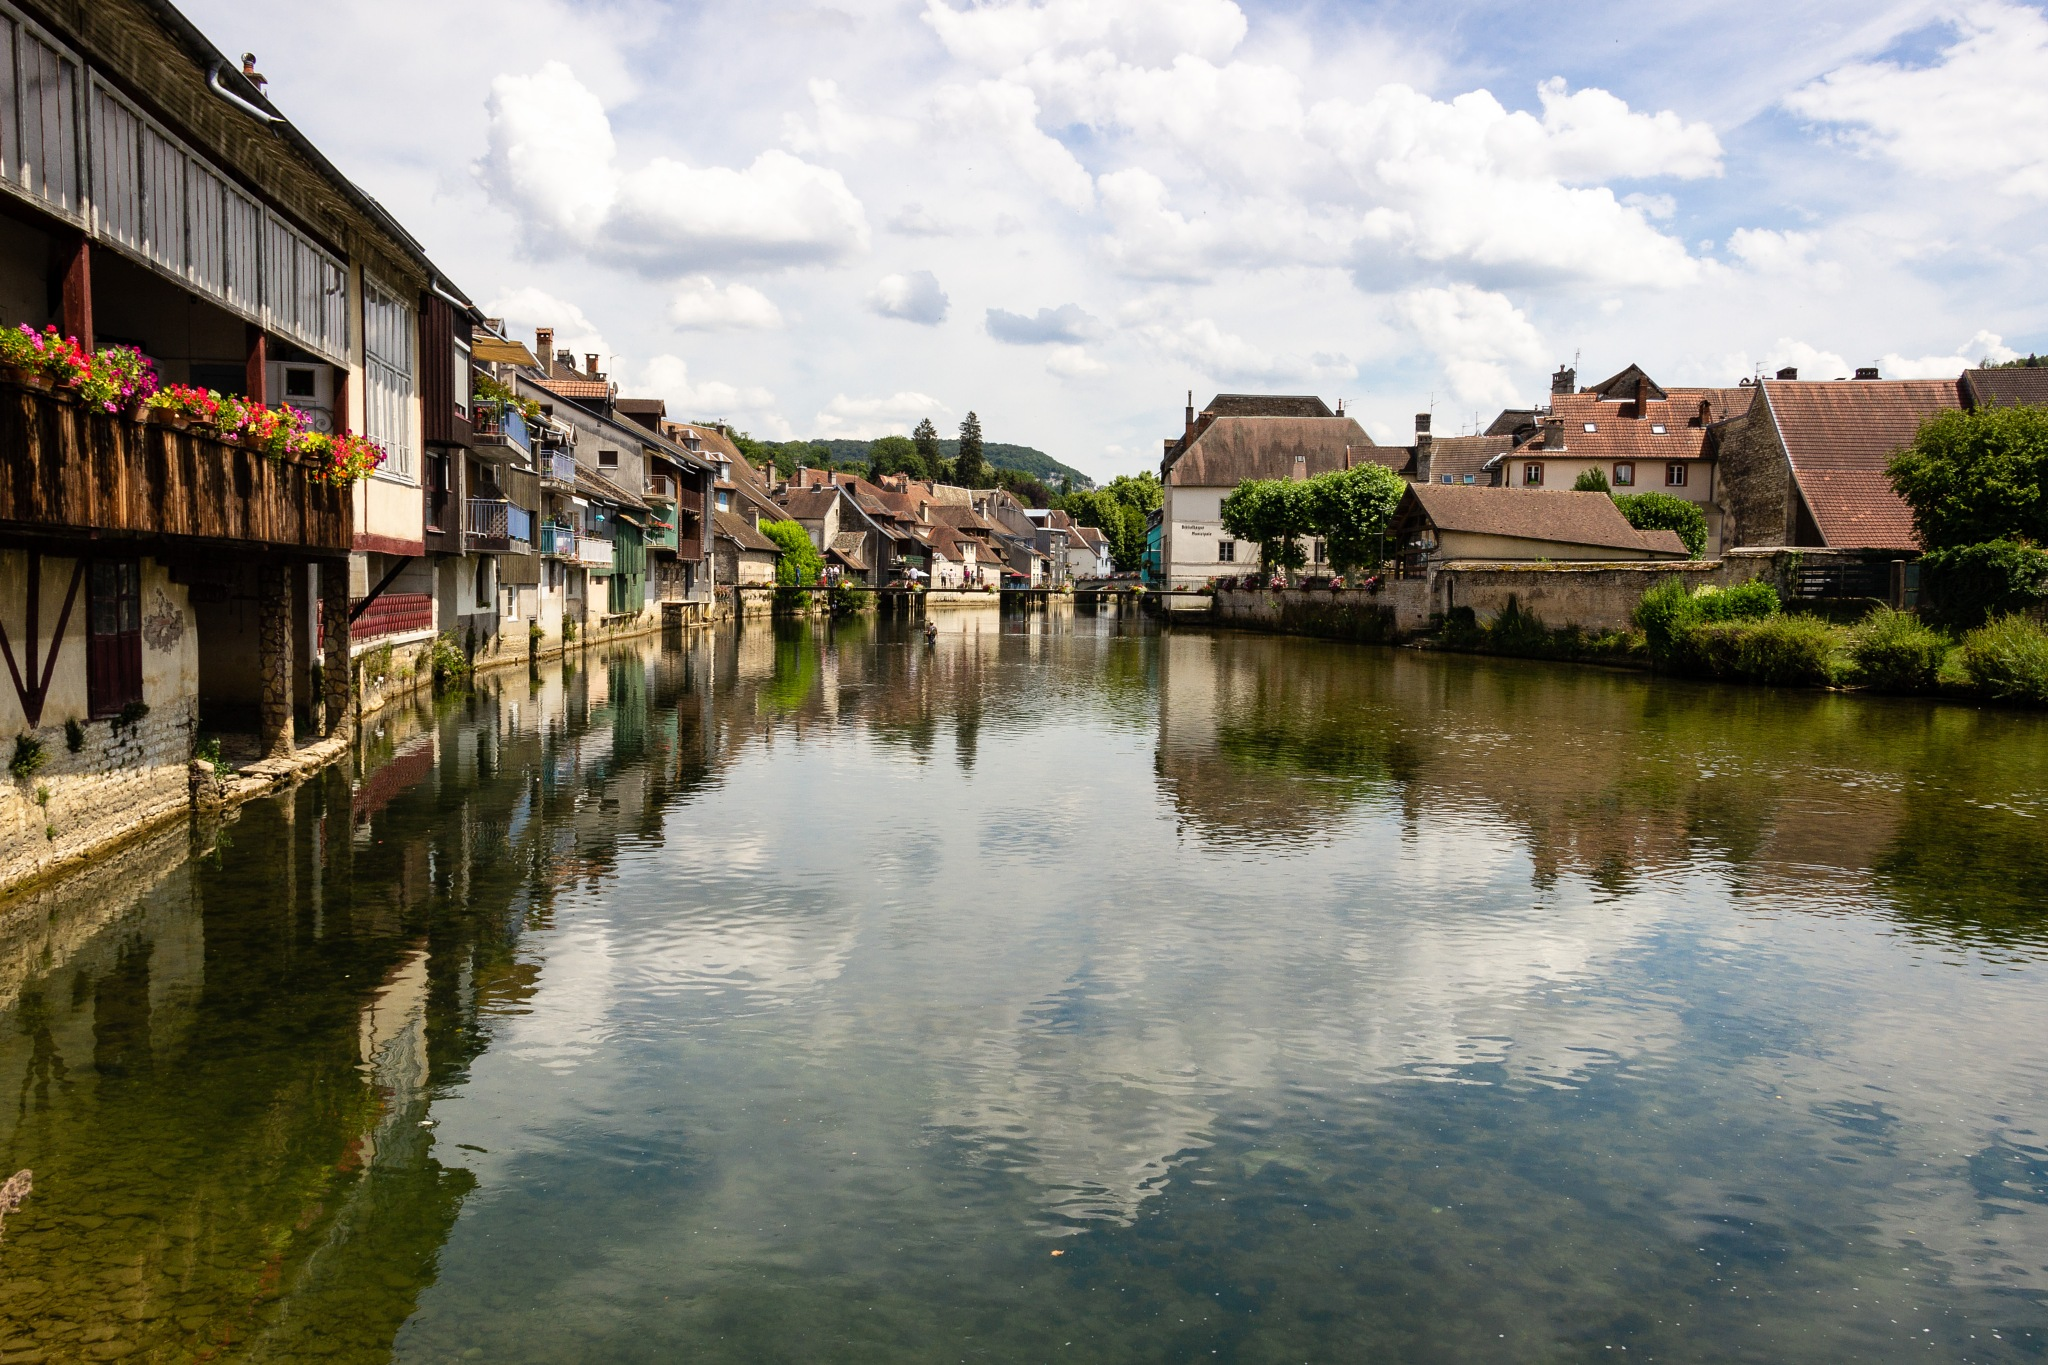 La Loue à Ornans by Vanaerde